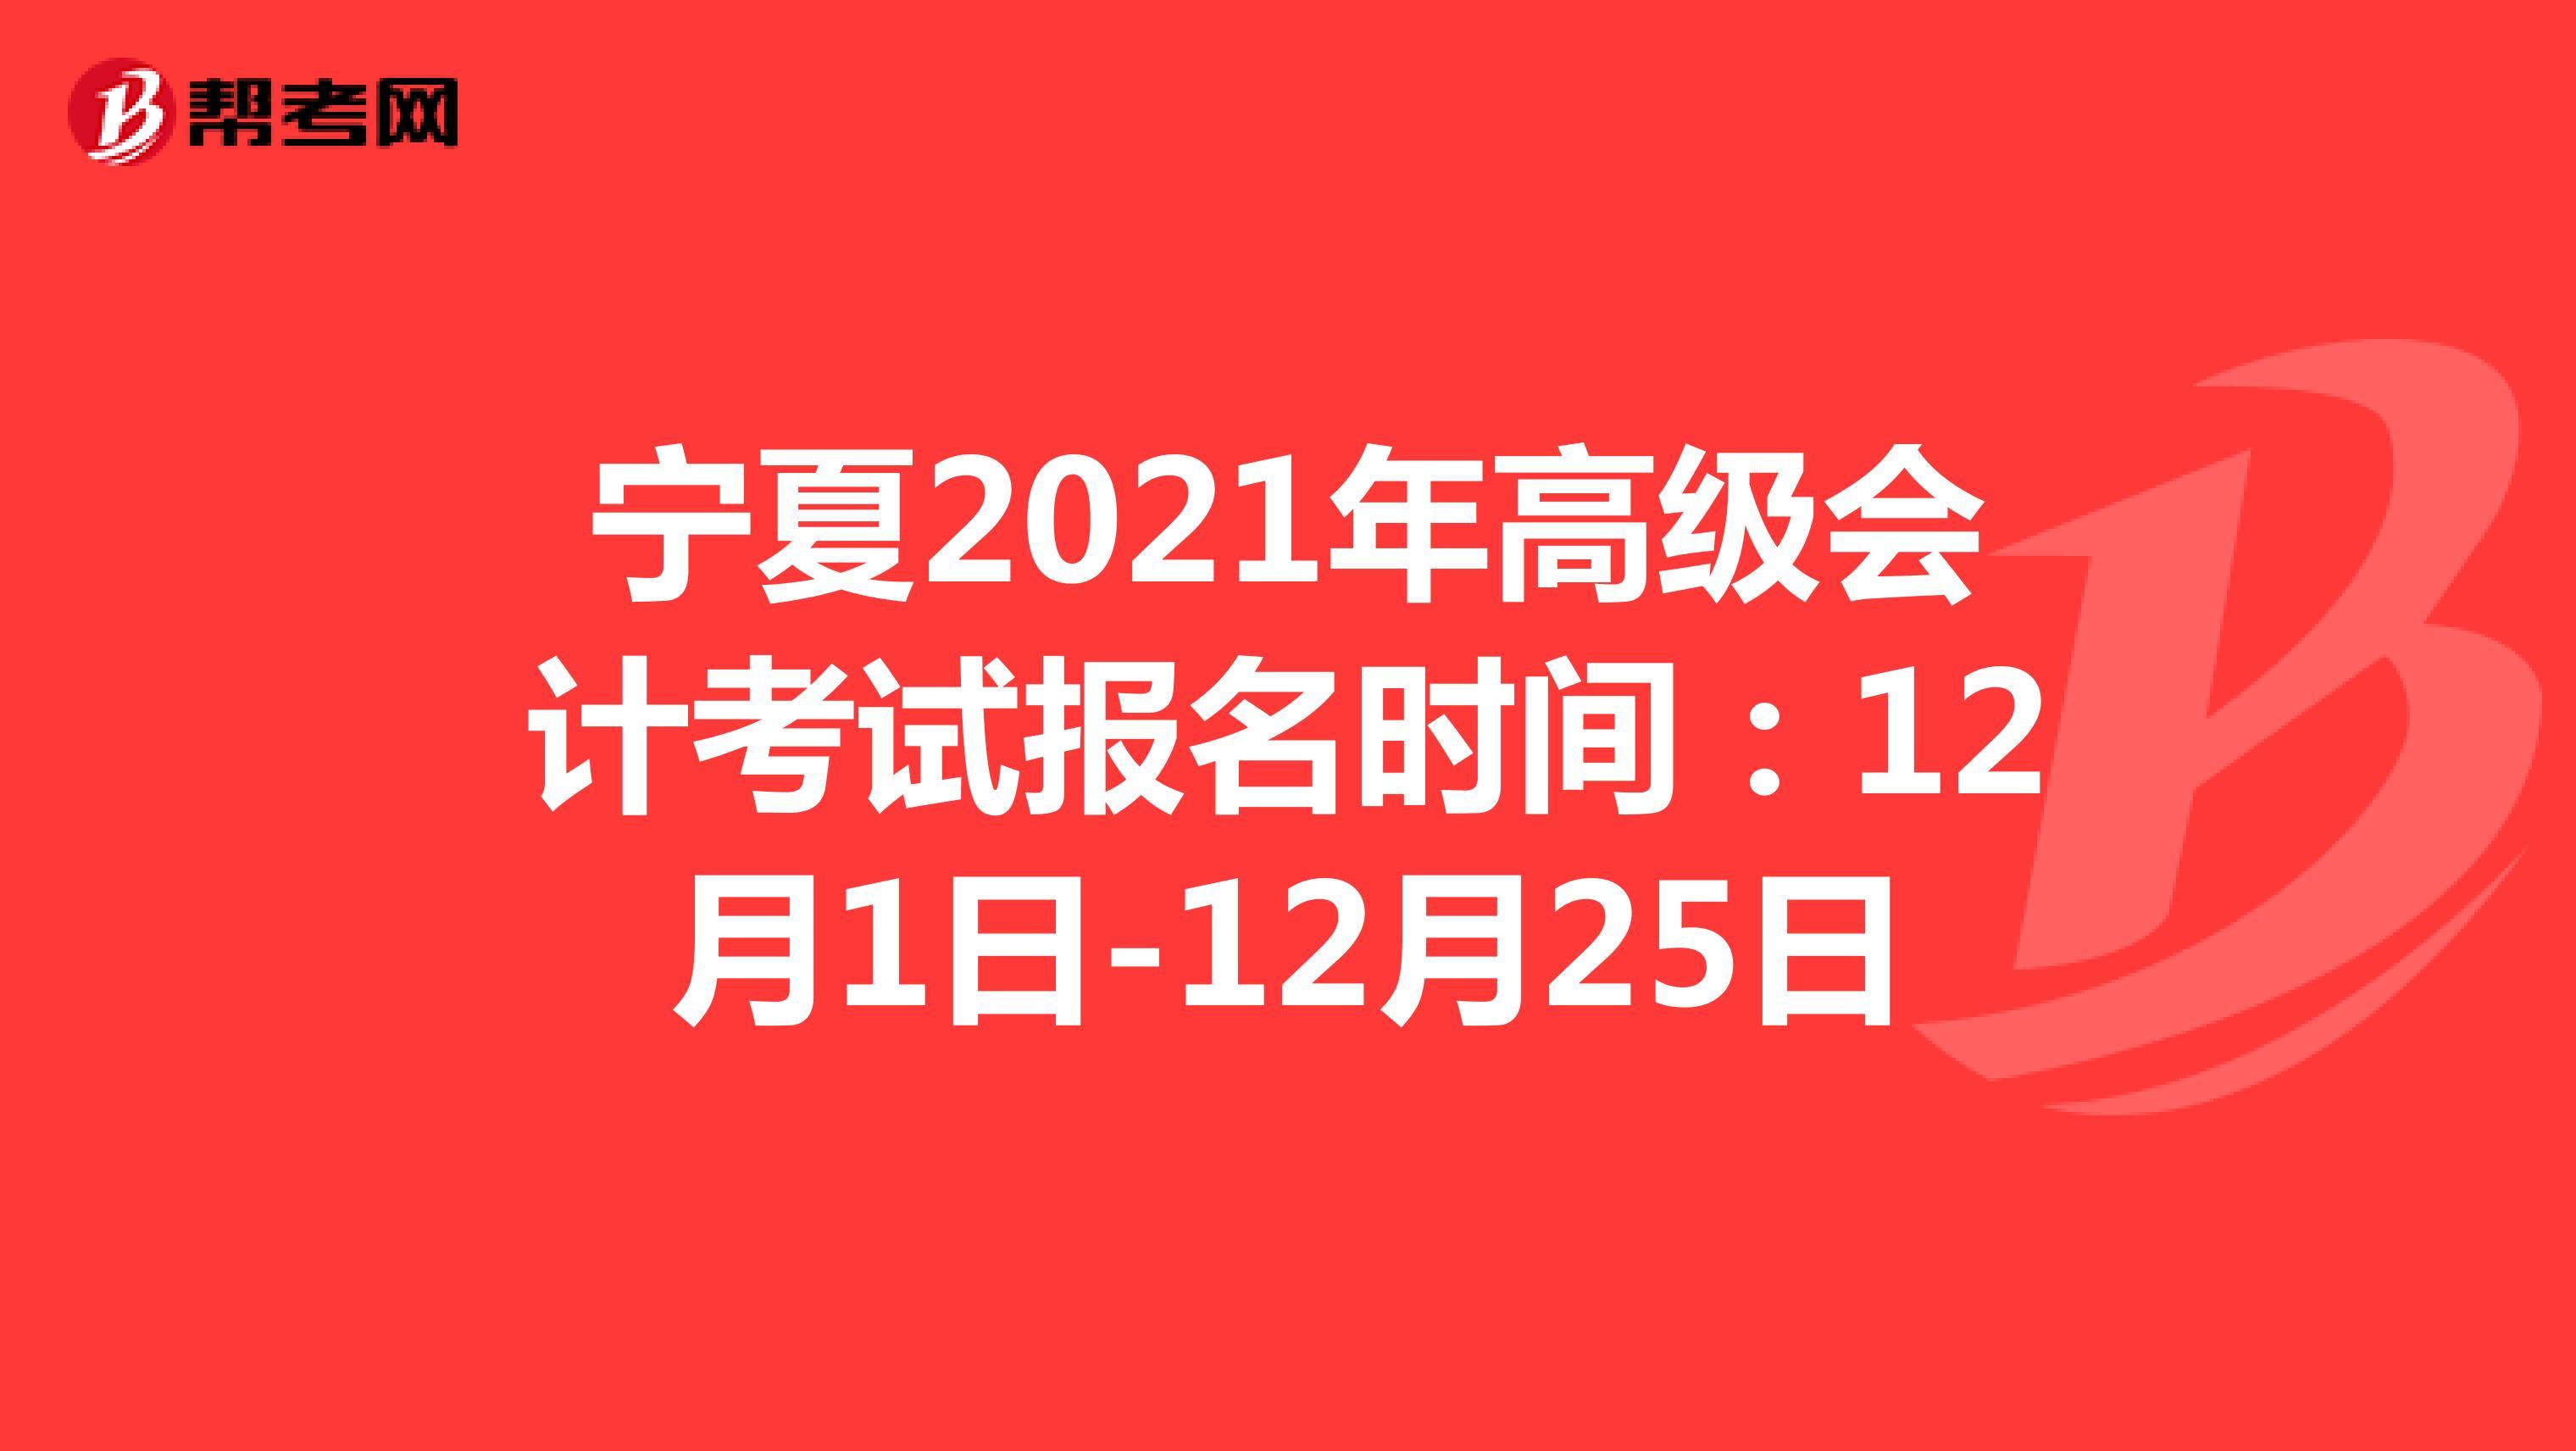 宁夏2021年高级会计Beplay官方报名时间:12月1日-24日